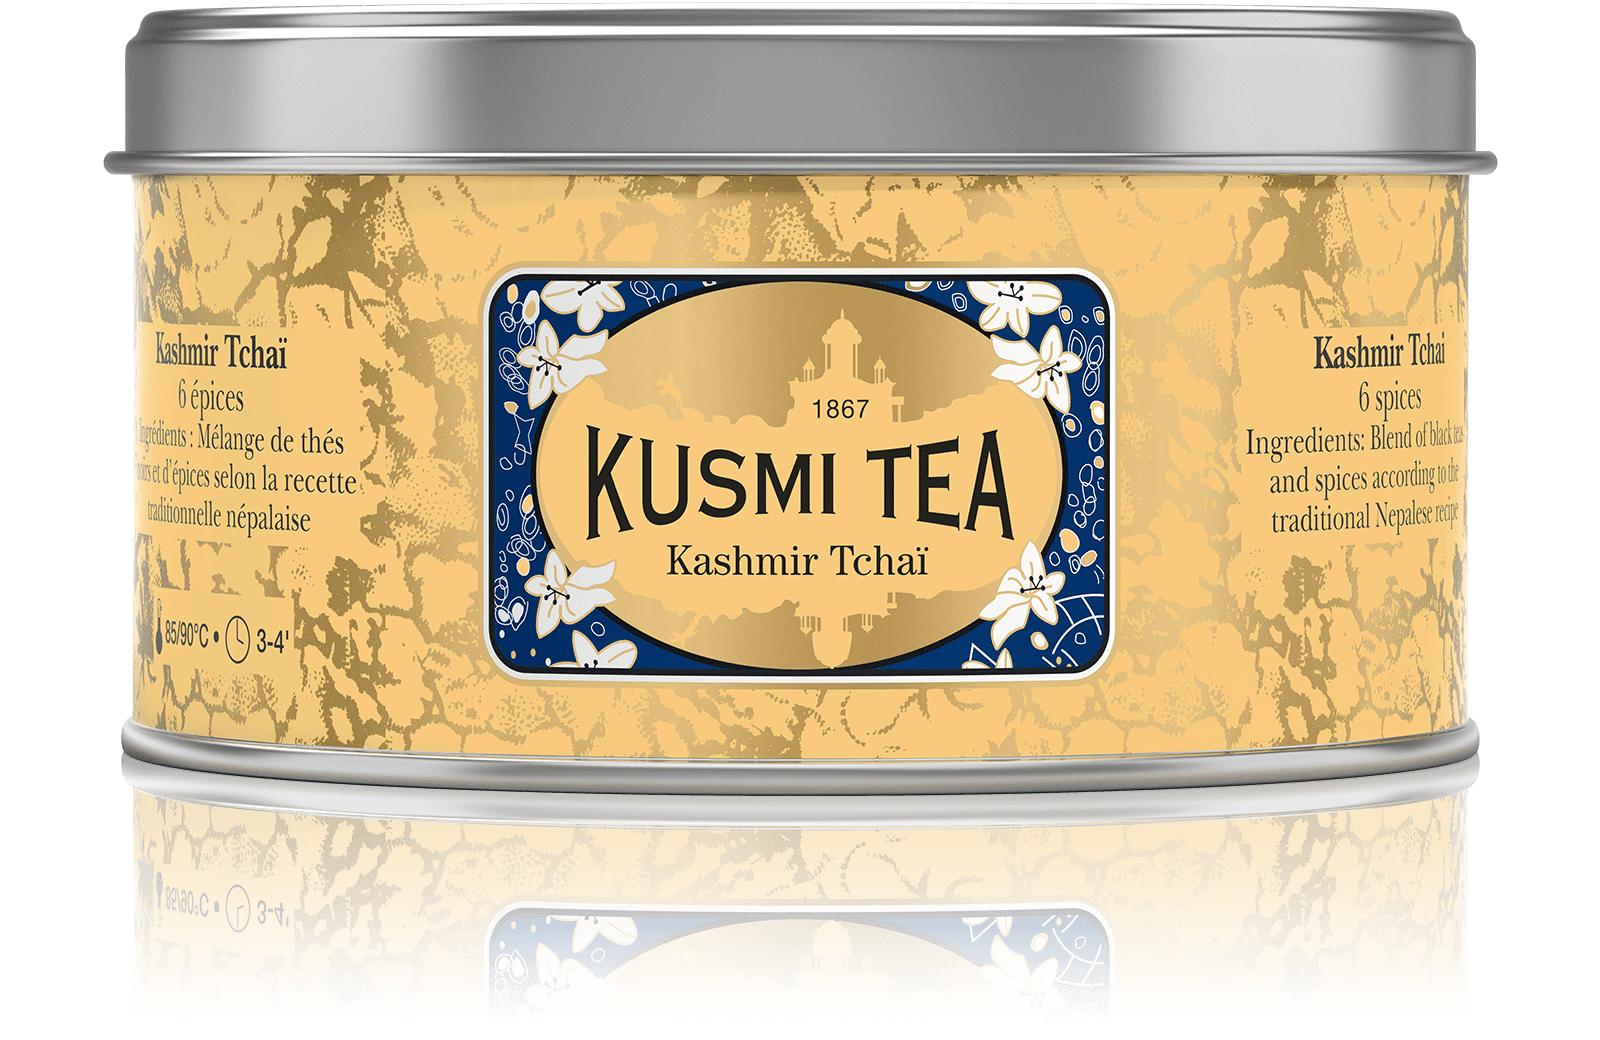 KUSMI TEA Kashmir Tchaï - Thé noir aux épices - Boîte de thé en vrac - Kusmi Tea